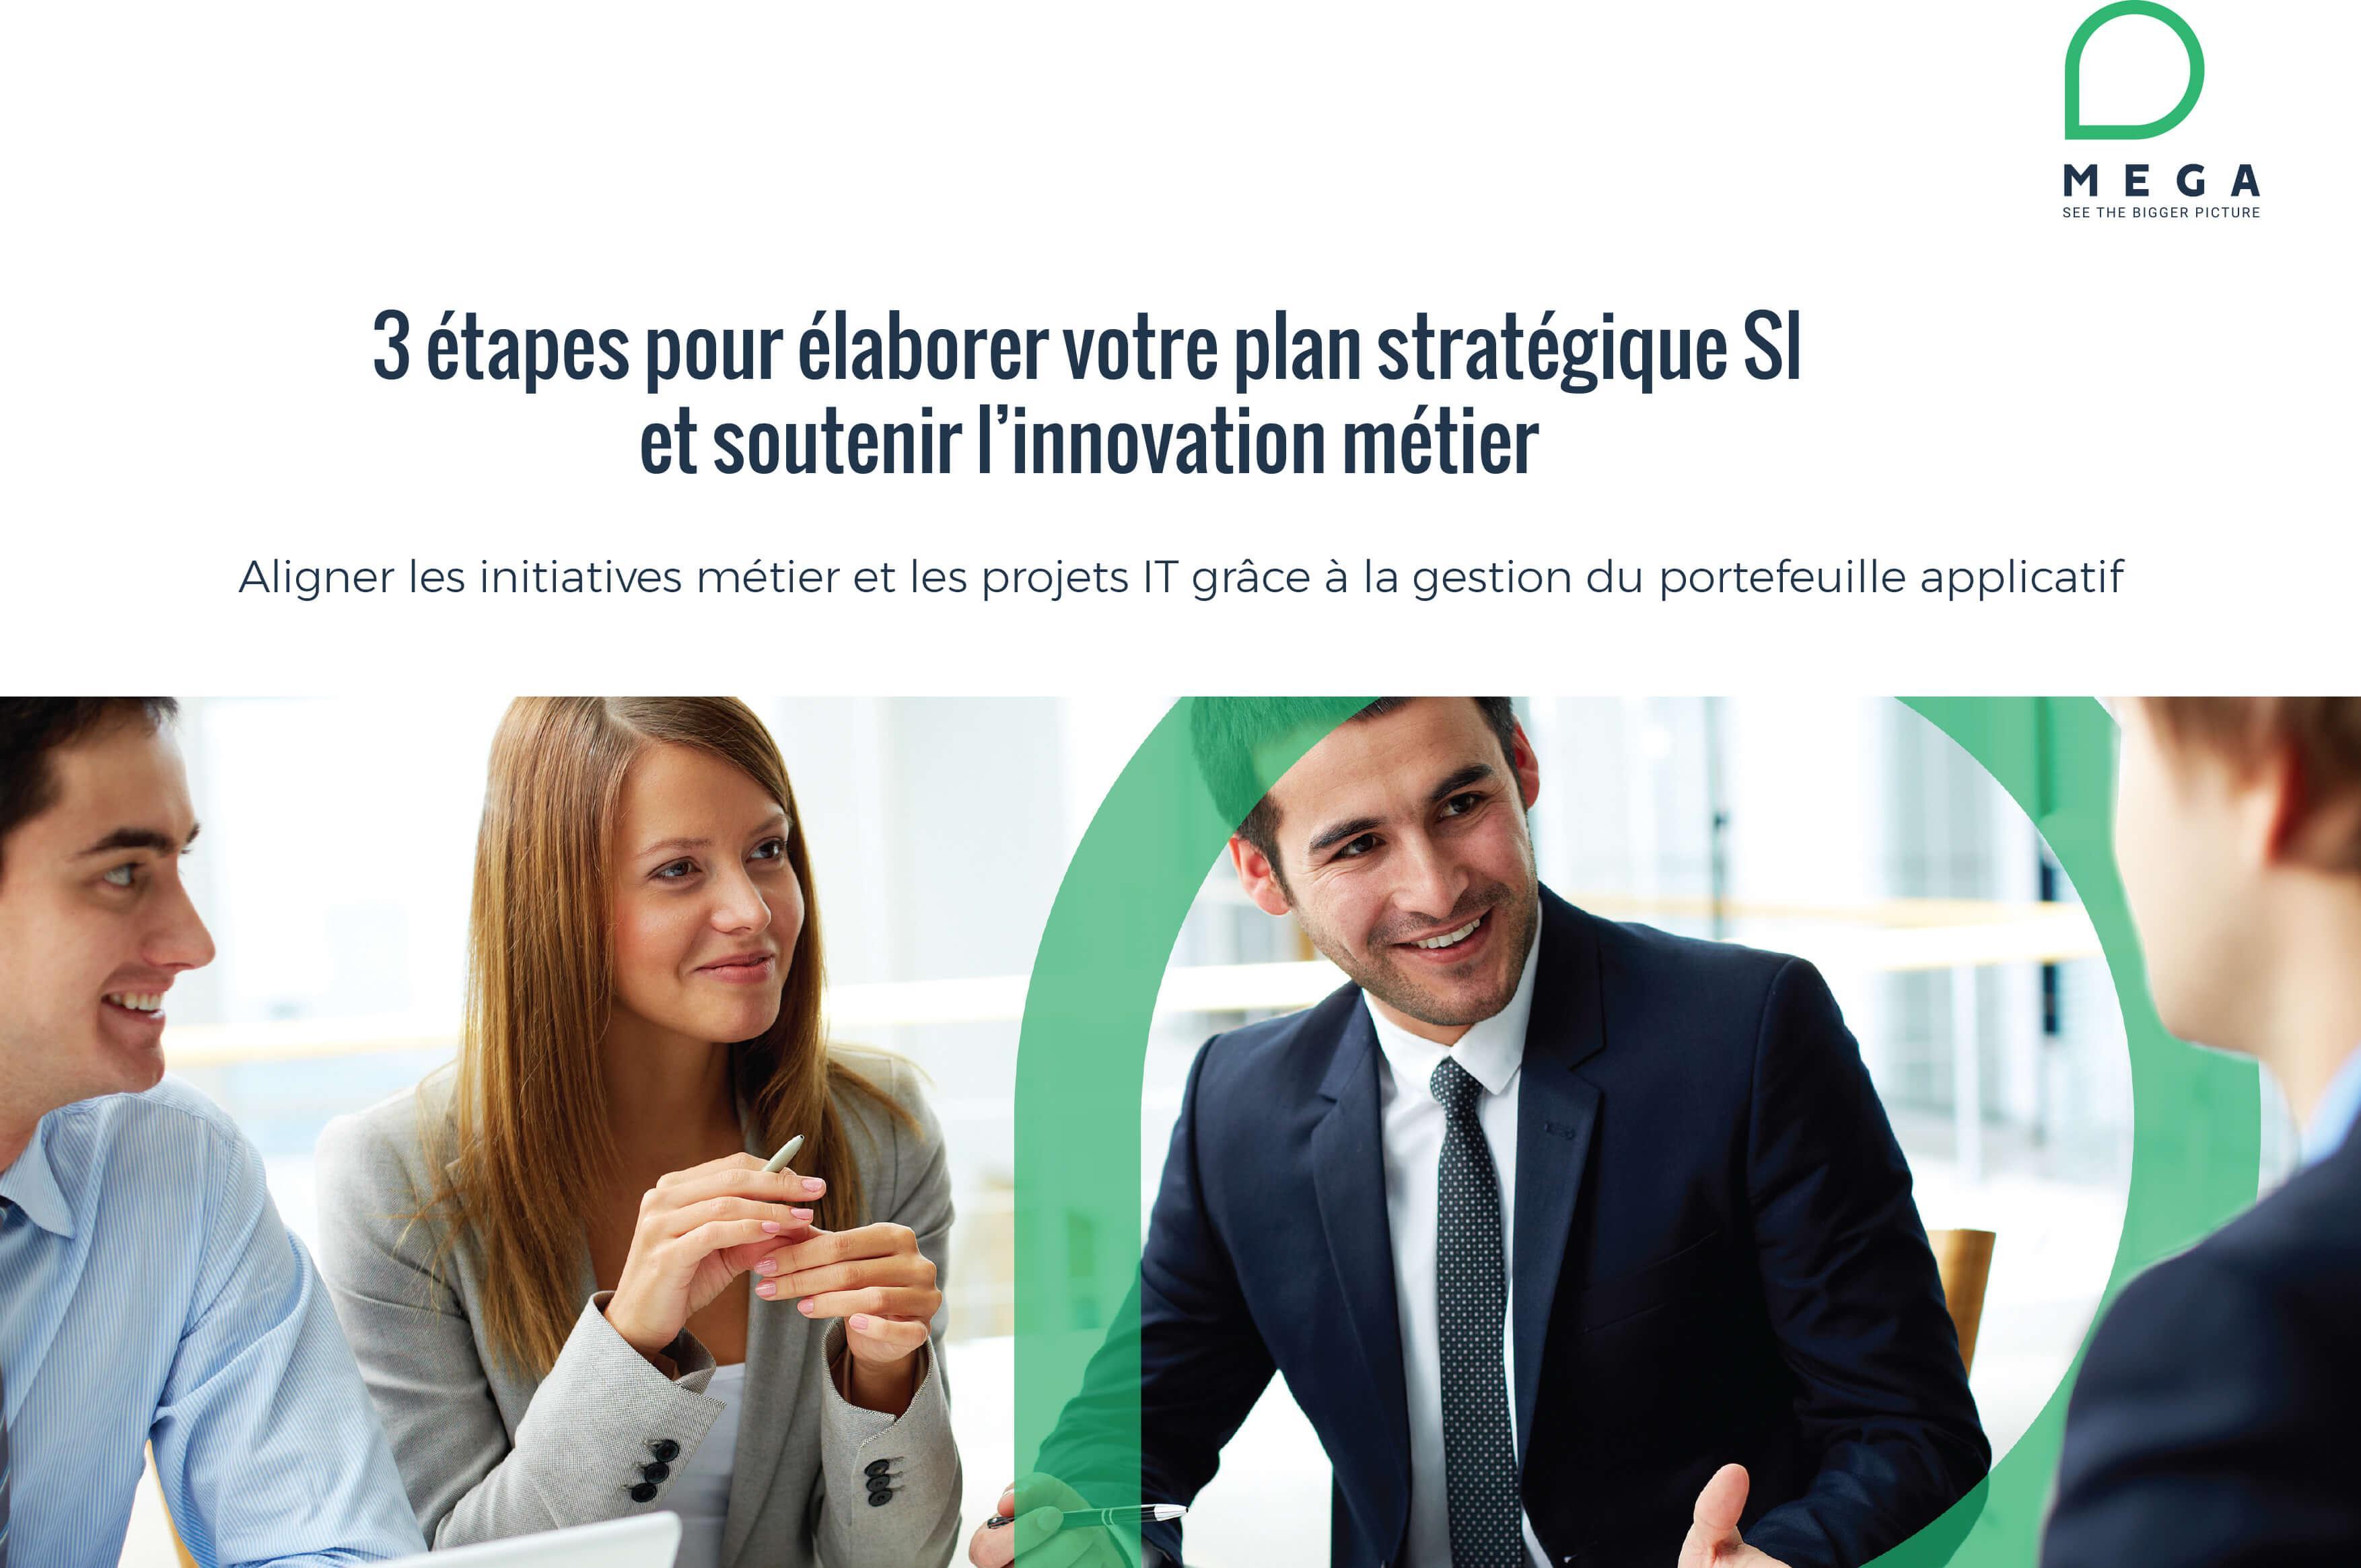 3 étapes pour élaborer votre plan stratégique SI et soutenir l'innovation métier